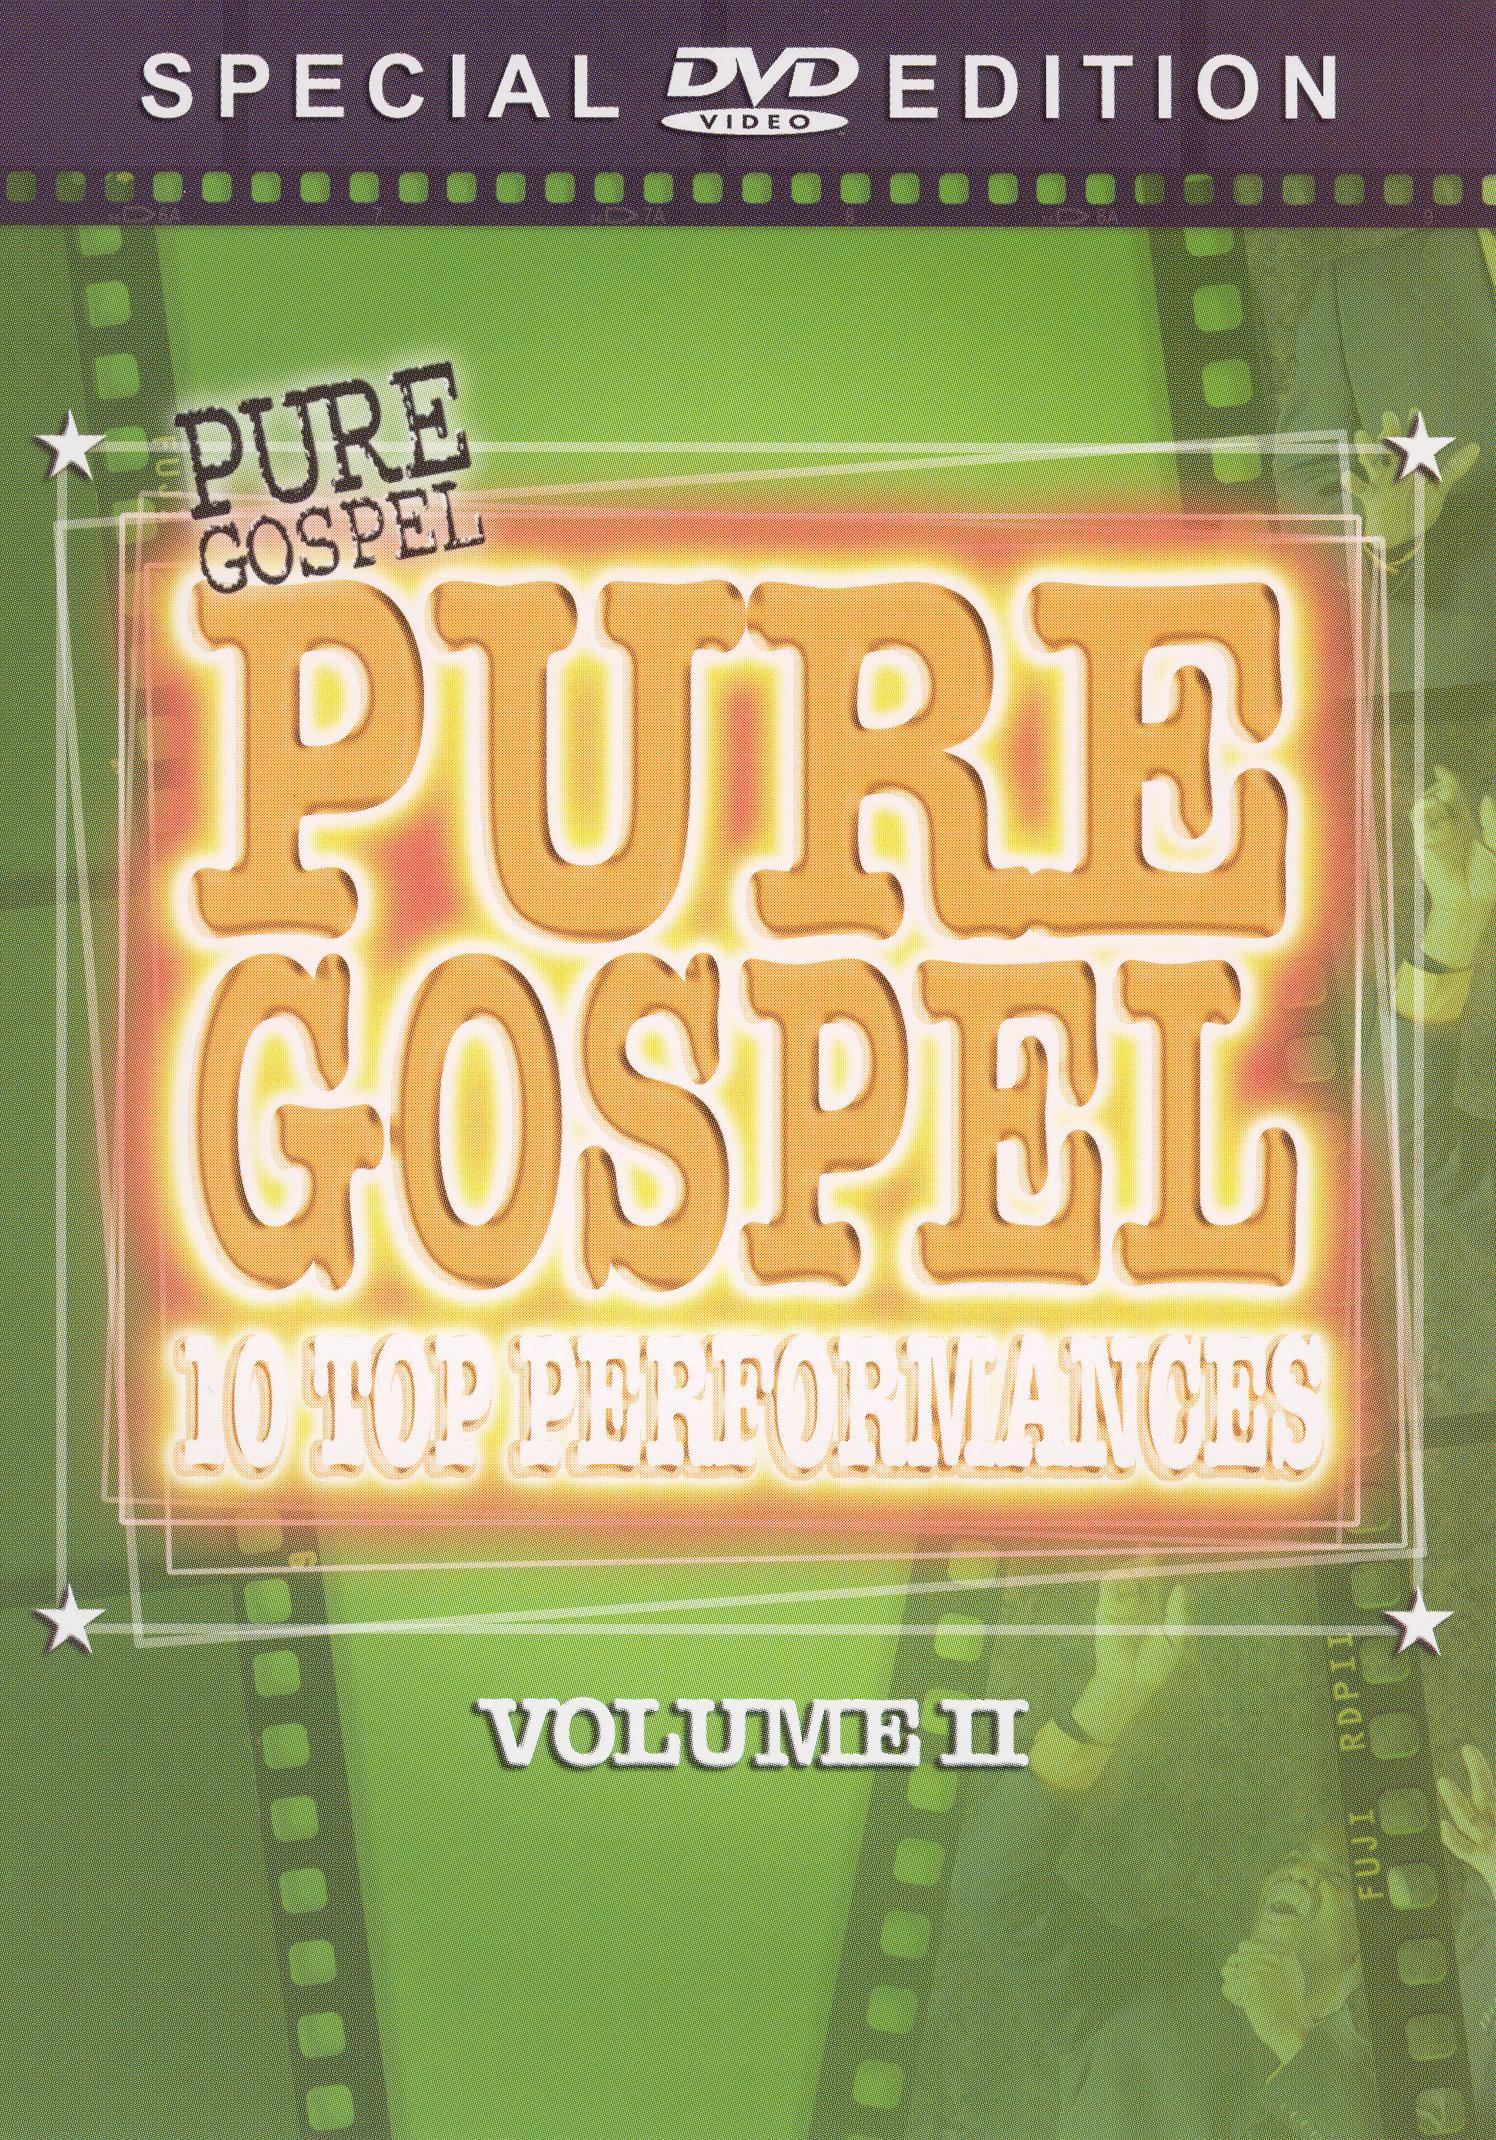 Pure Gospel: 10 Top Performances, Vol. II